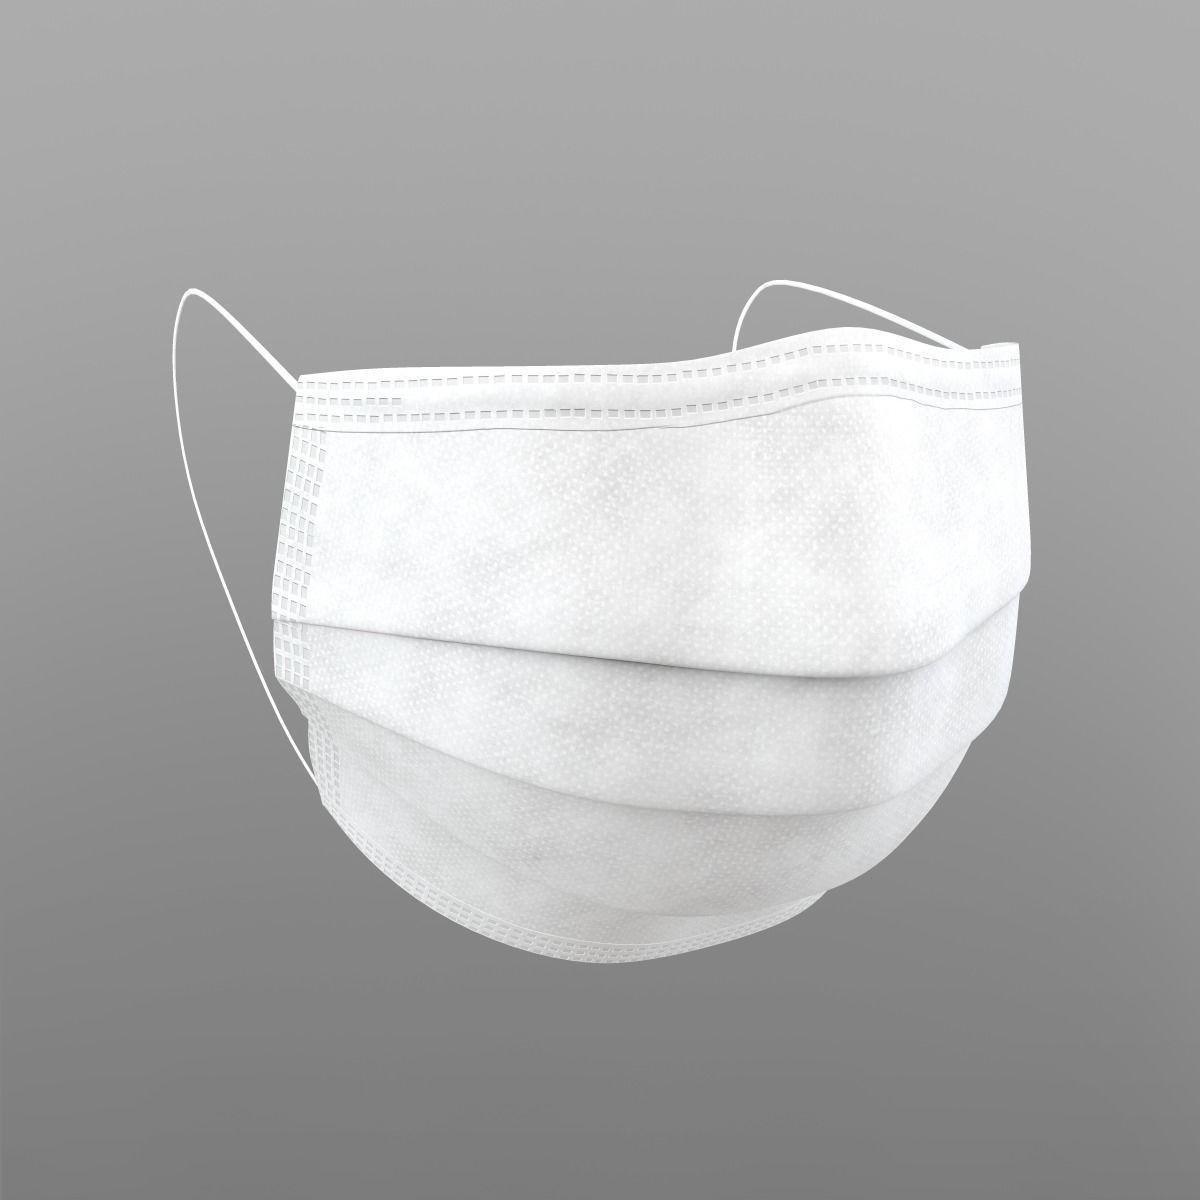 ماسک پزشکی 3 لایه بسته 48 عددی